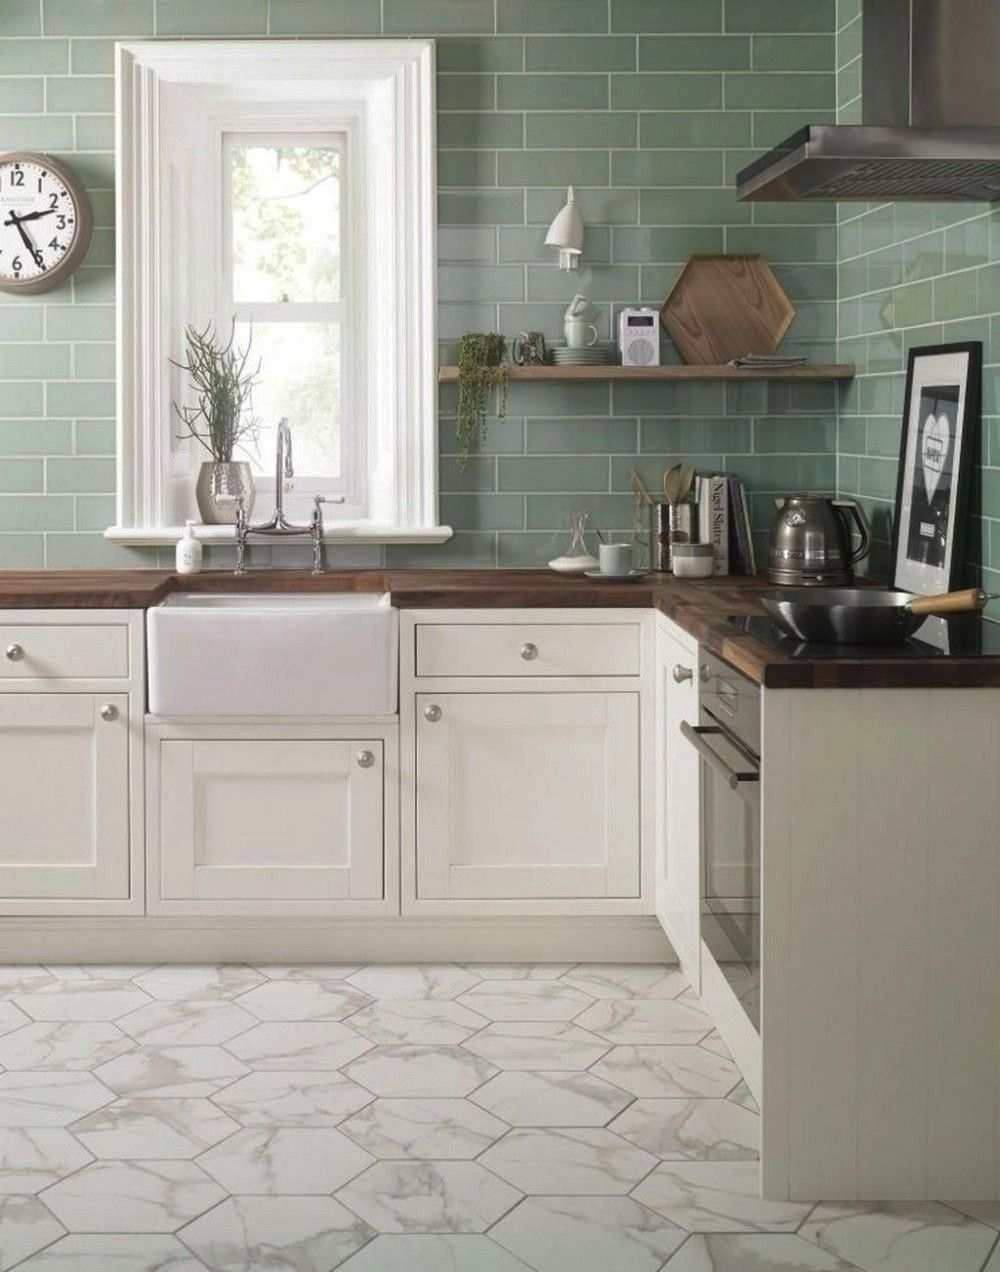 Kuchendesigntrends Ideenmoderne Umweltfreund Adorable Produkte Kitchen Videos Design Trends Moder Flooring Trends Kitchen Floor Tile Kitchen Flooring